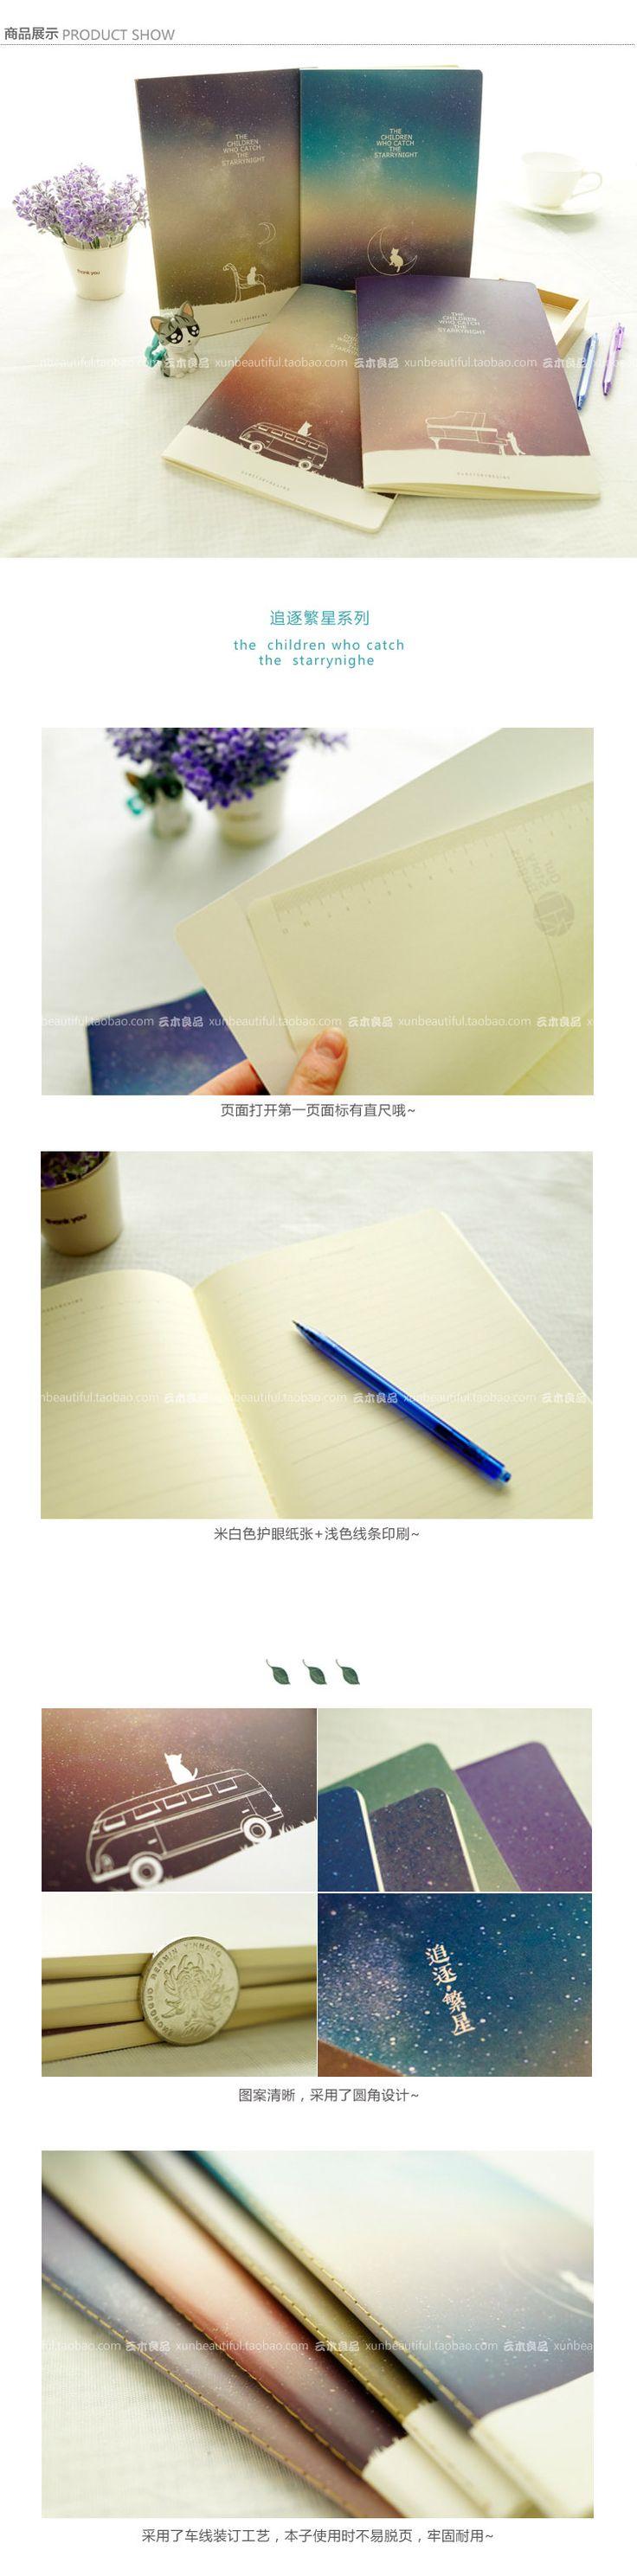 piezas 5/mucho corea aestheticism b5 puntada libro cuaderno diario de espesor bloc de notas 16k papelería envío gratis en Libretas de Escuela y Oficina en AliExpress.com   Alibaba Group